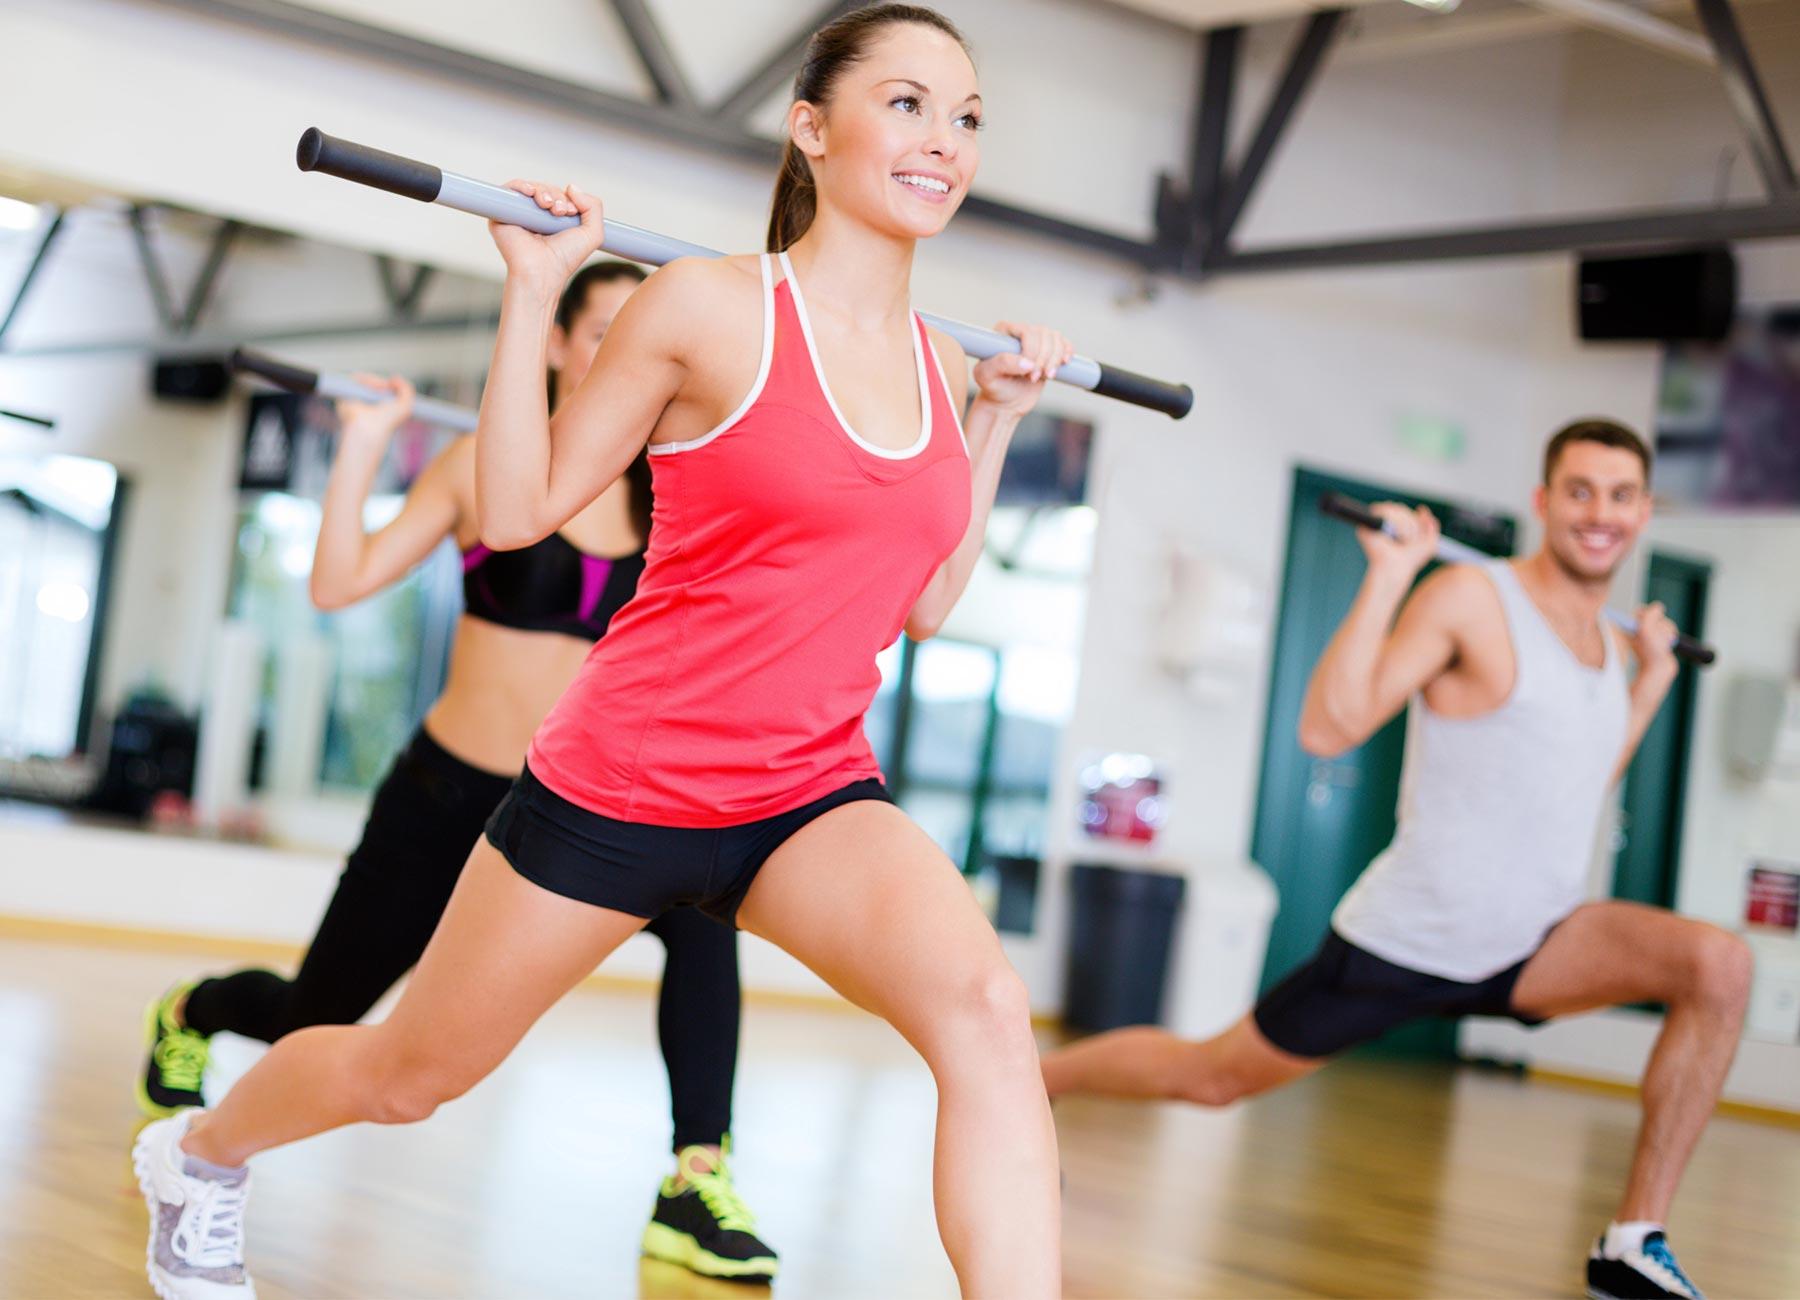 El ejercicio, tan eficaz como la cirugía para tratar las roturas de menisco